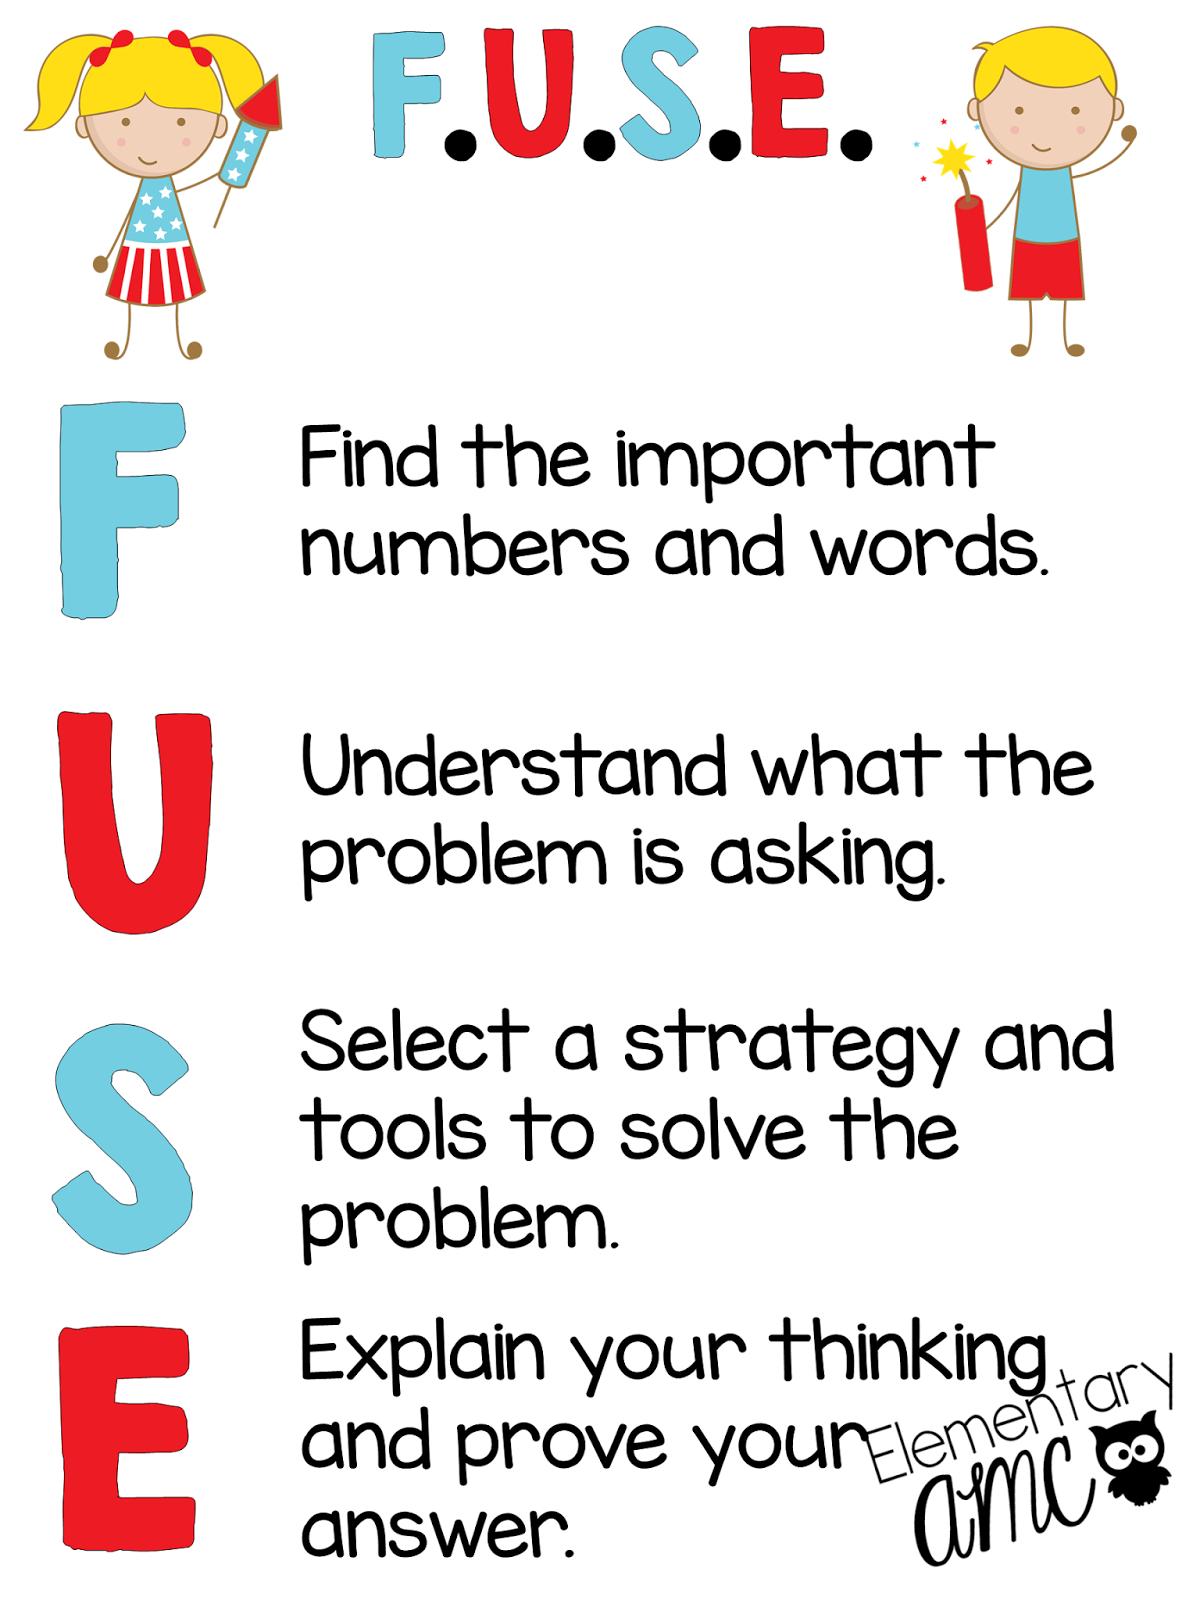 Steps For Fostering Independent Problem Solving Skills